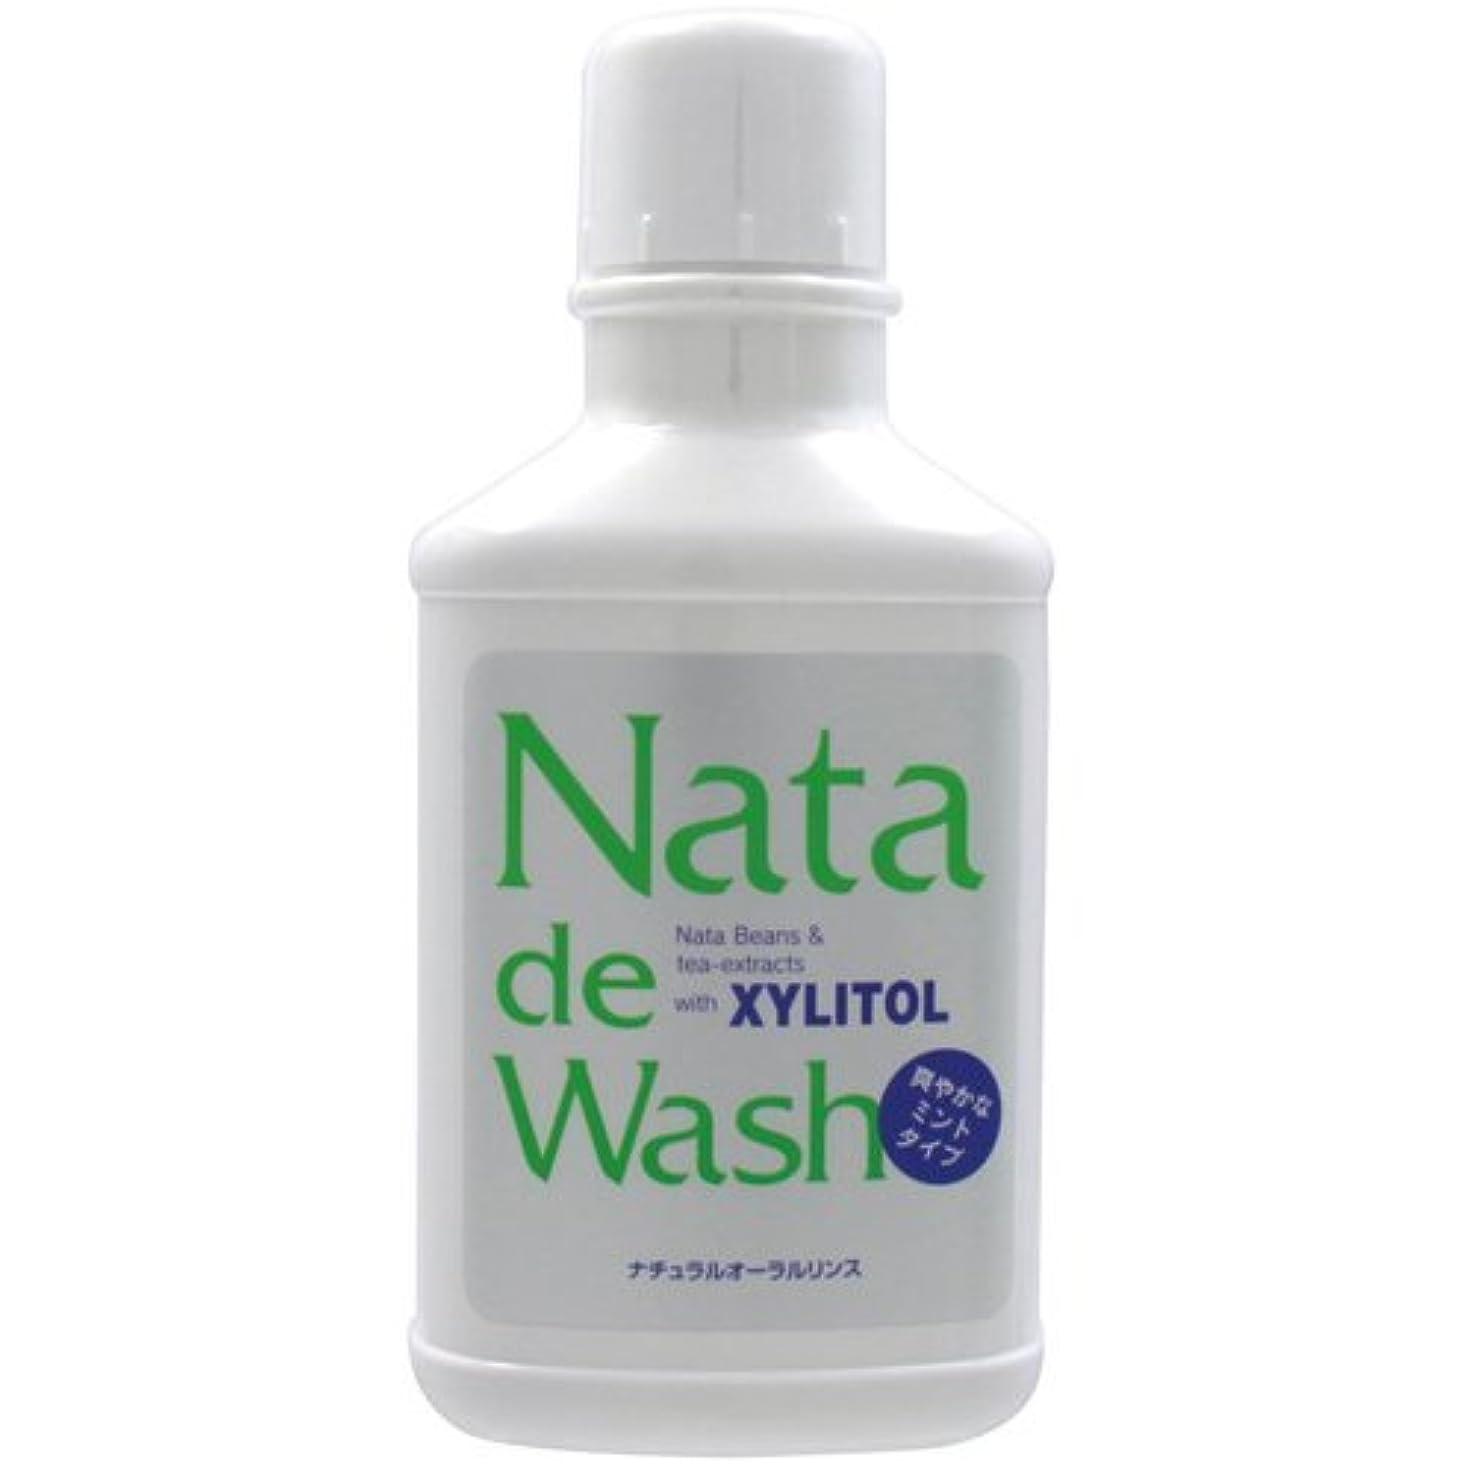 ポップ用心深い漁師ナタデウォッシュ 500ml 口臭予防 歯磨きの後にお勧め ナタデ ウォッシュ